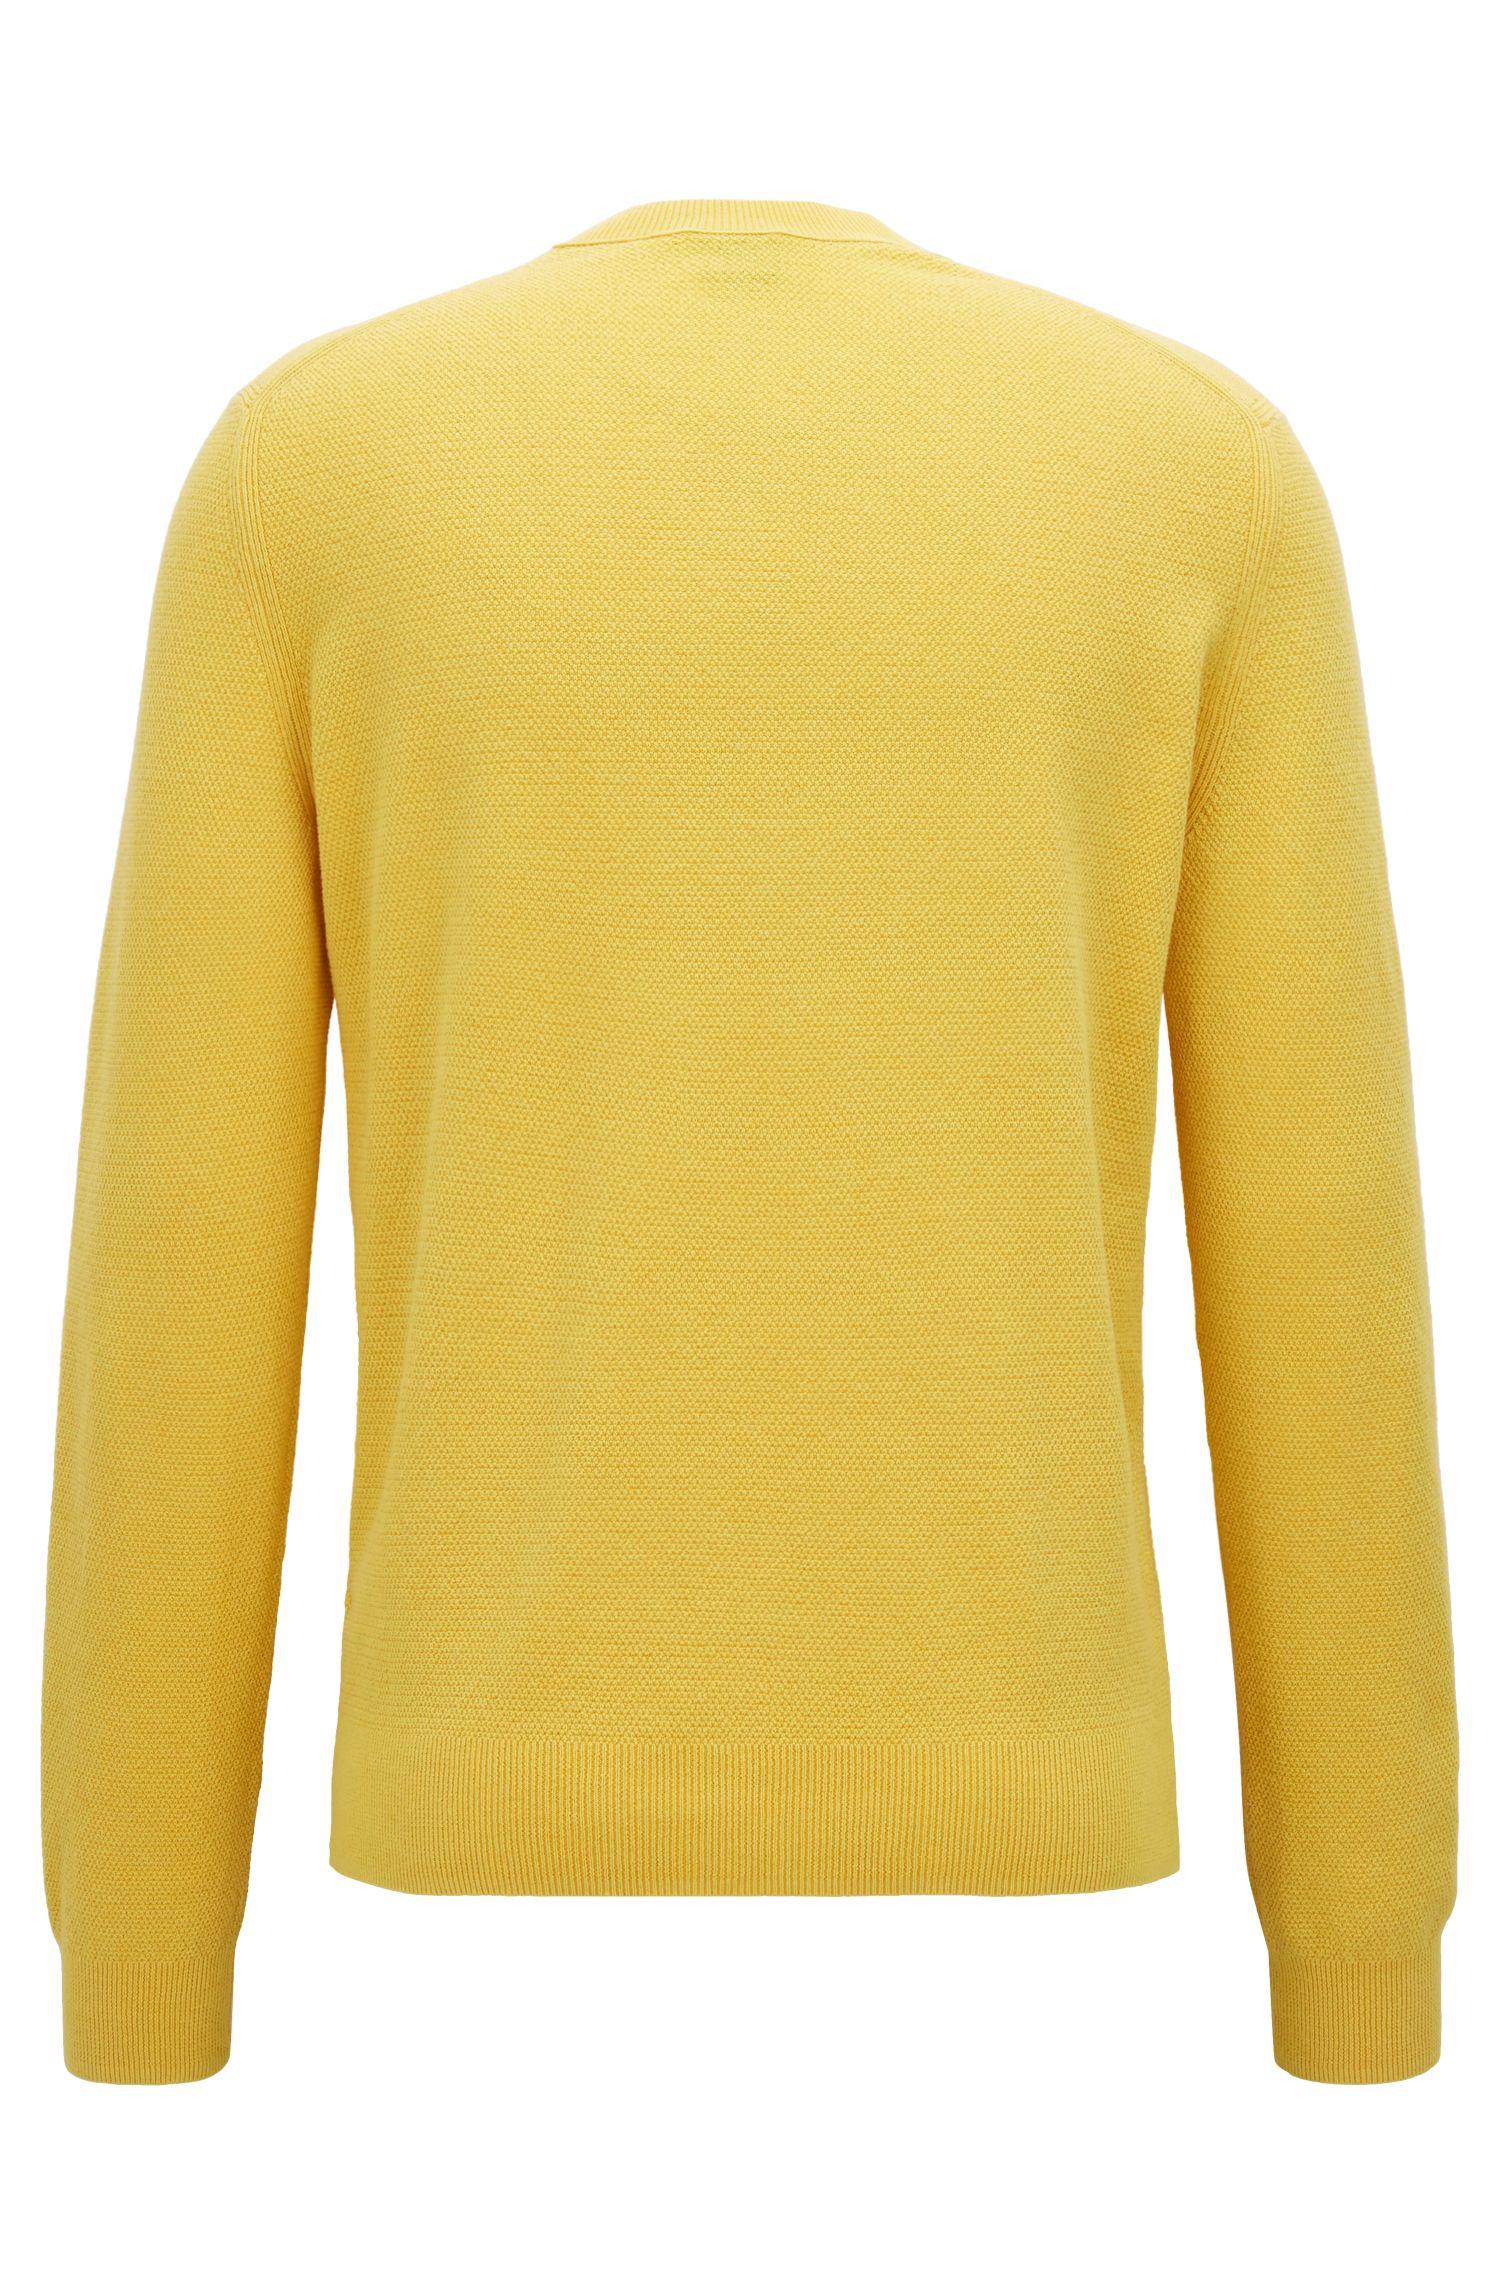 Pullover aus Baumwolle mit Rundhalsausschnitt und Allover-Struktur, Gelb